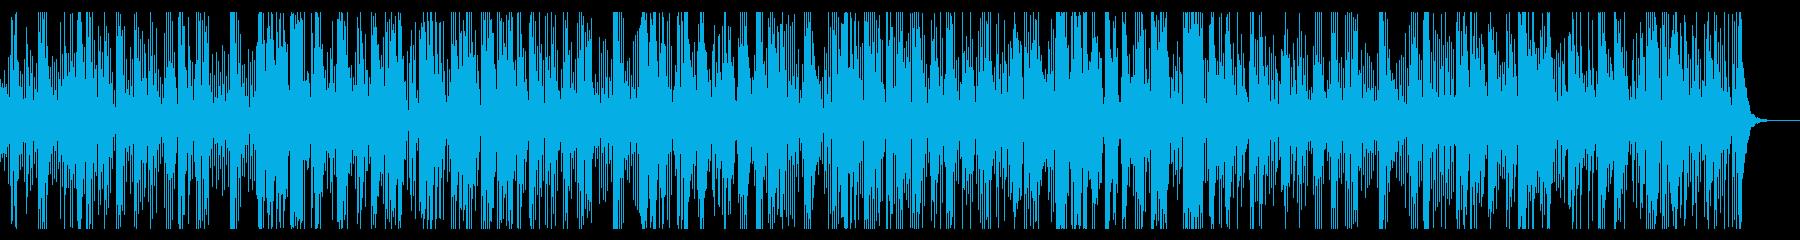 哀愁のボレロ・クラシックギターBGMの再生済みの波形